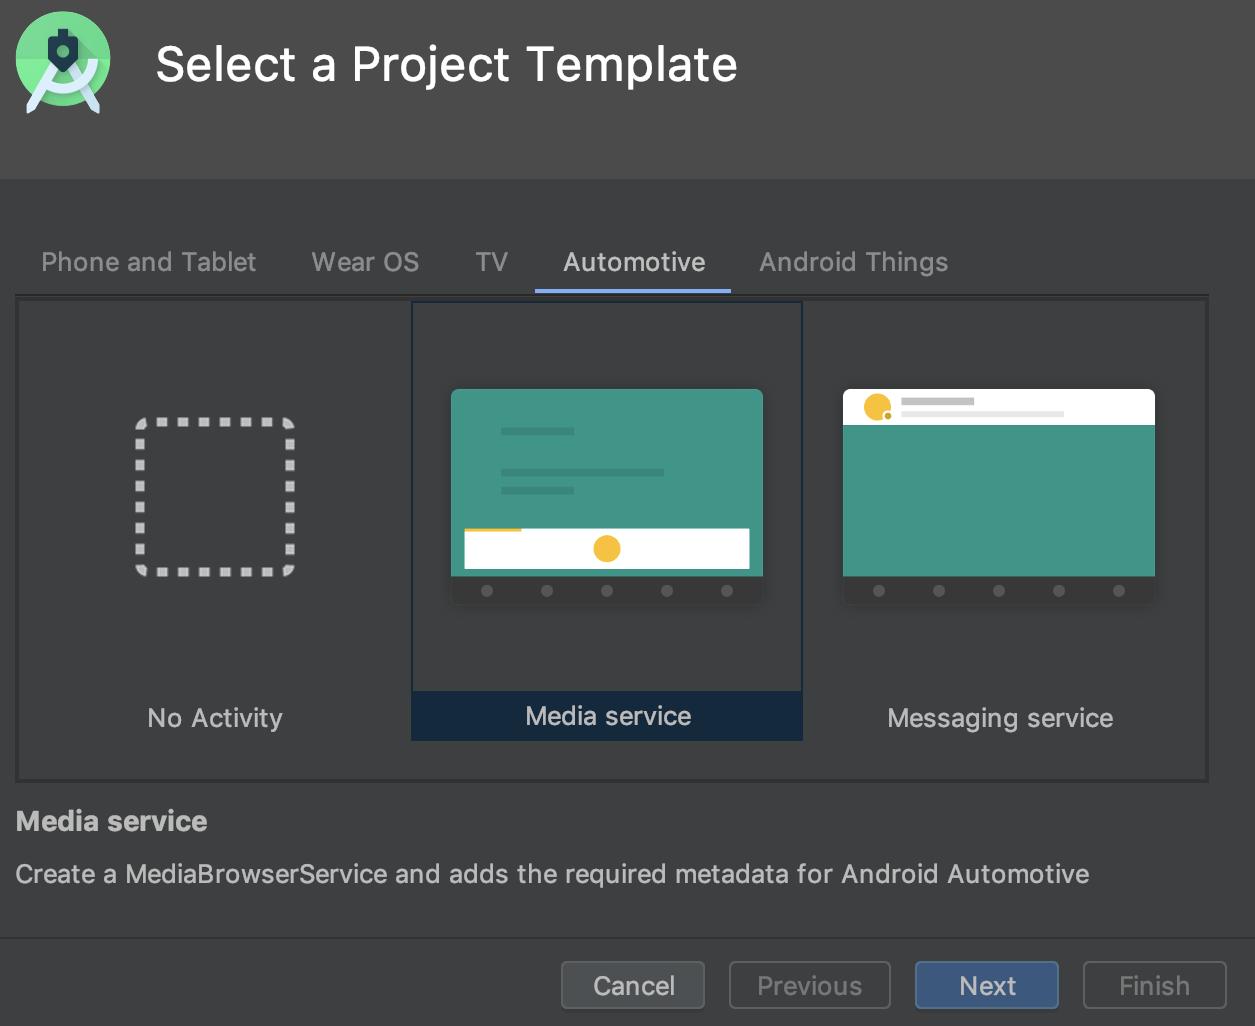 Seleção de um modelo de projeto do Android Automotive.